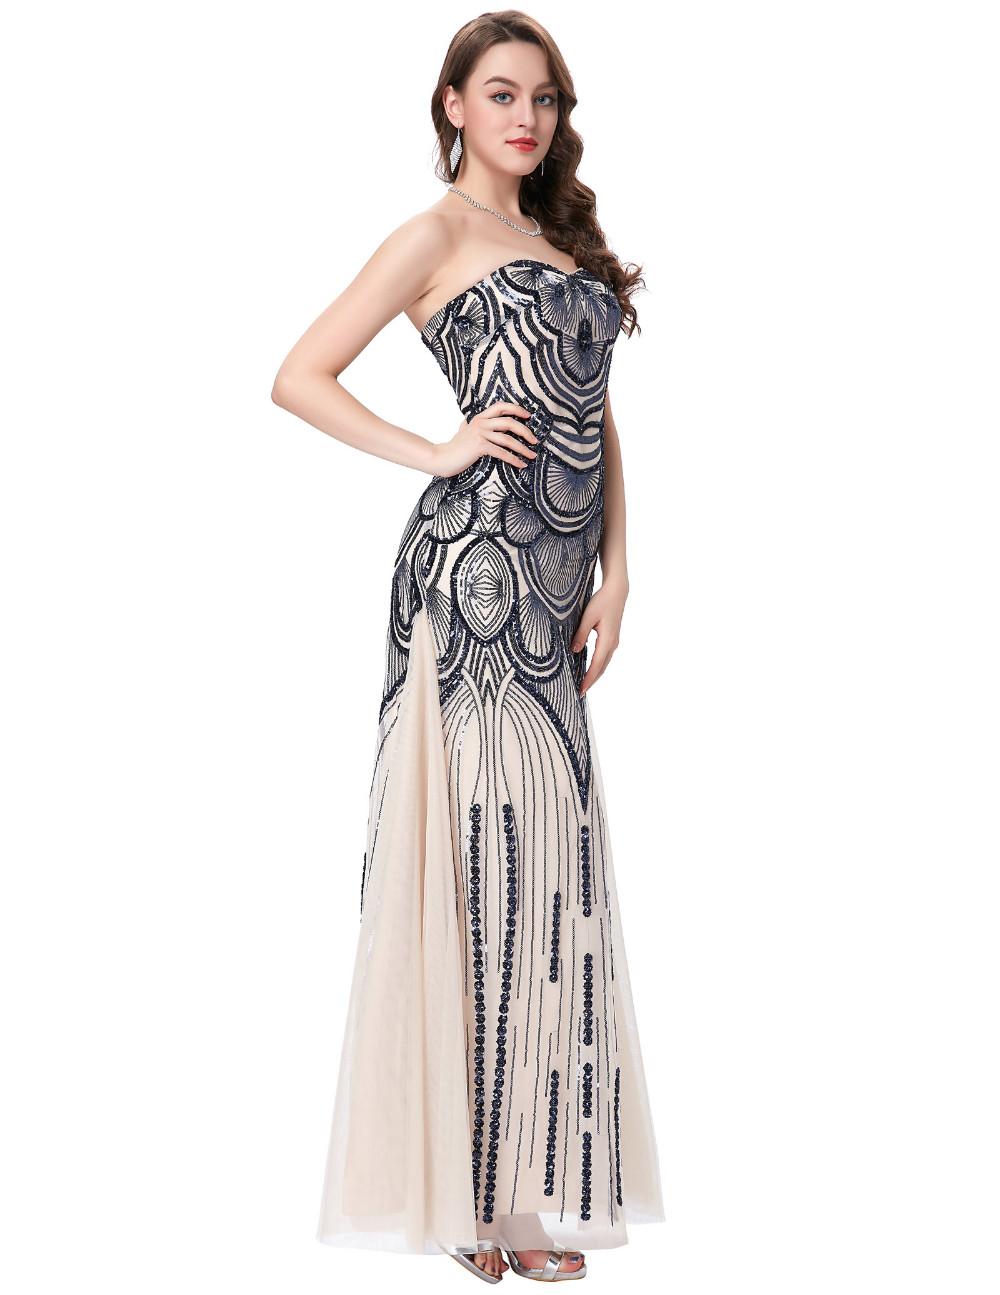 HTB1xbgXKFXXXXaNXpXXq6xXFXXXgStrapless Special Occasion Dress